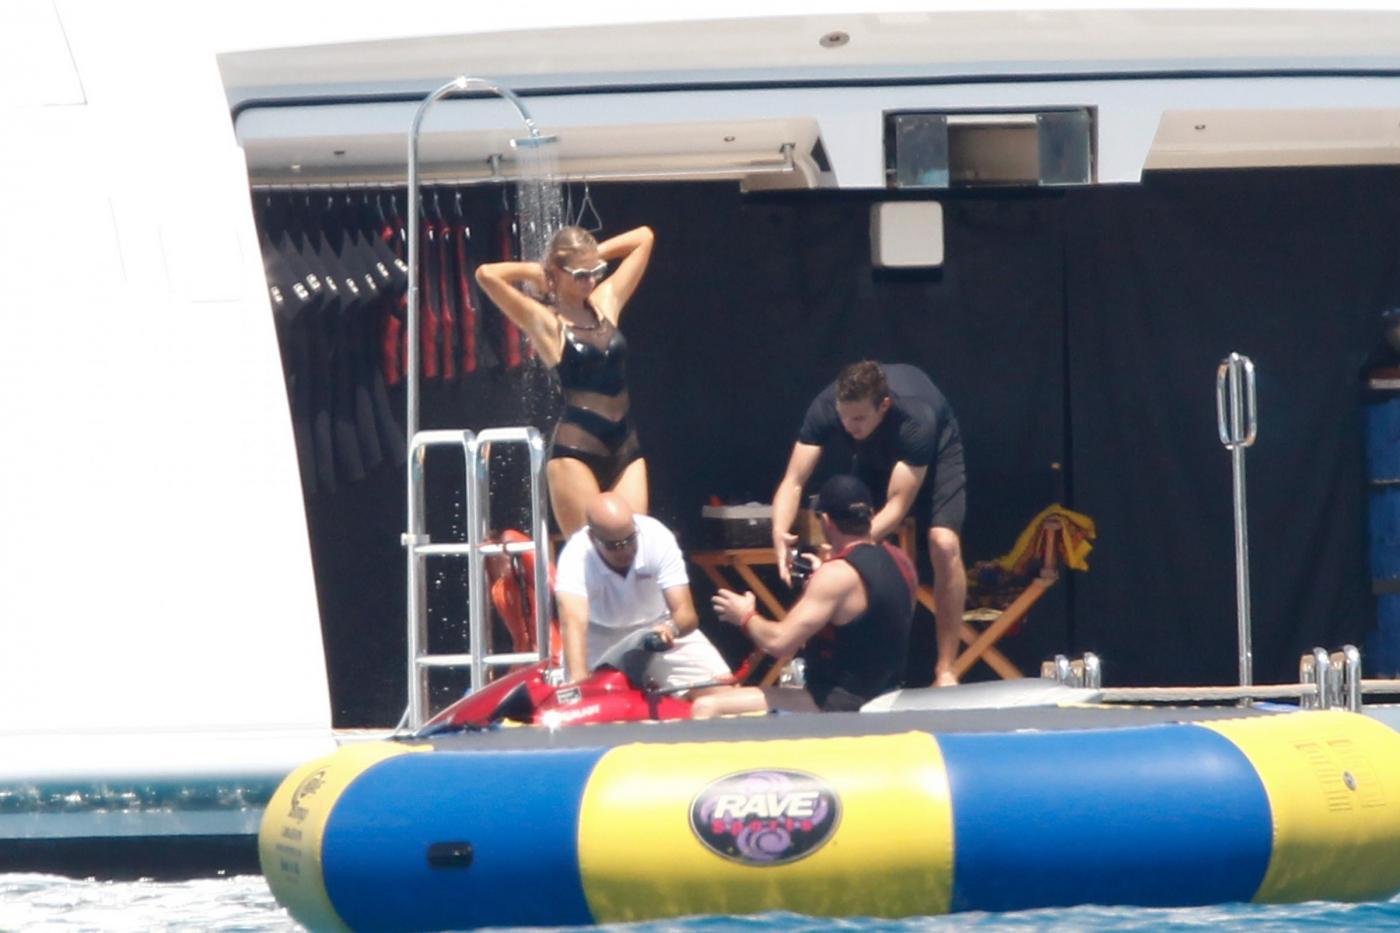 Paris Hilton e fidanzato a Formentera: sole, amore e yacht da sogno22